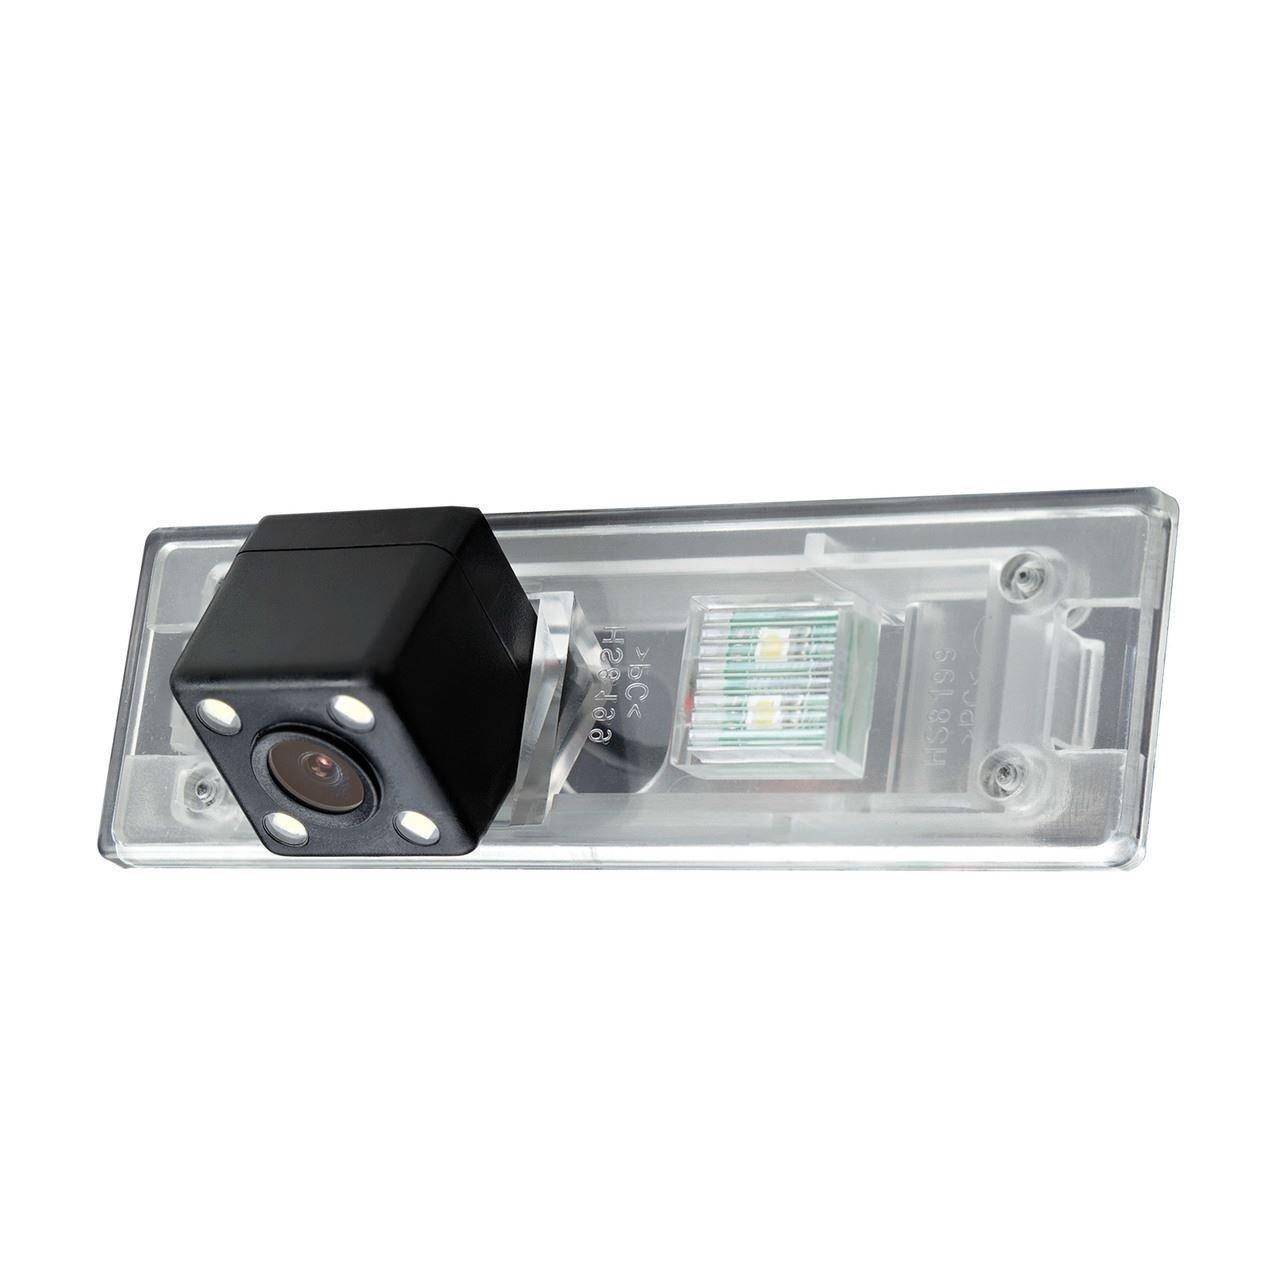 frYukiko Ventilateur de Chauffage /électrique Auto de Chauffage de Voiture Portable Portable d/ésembuage et d/égivrage souffleur d/'air Chaud sans Bruit pour v/éhicule 12V